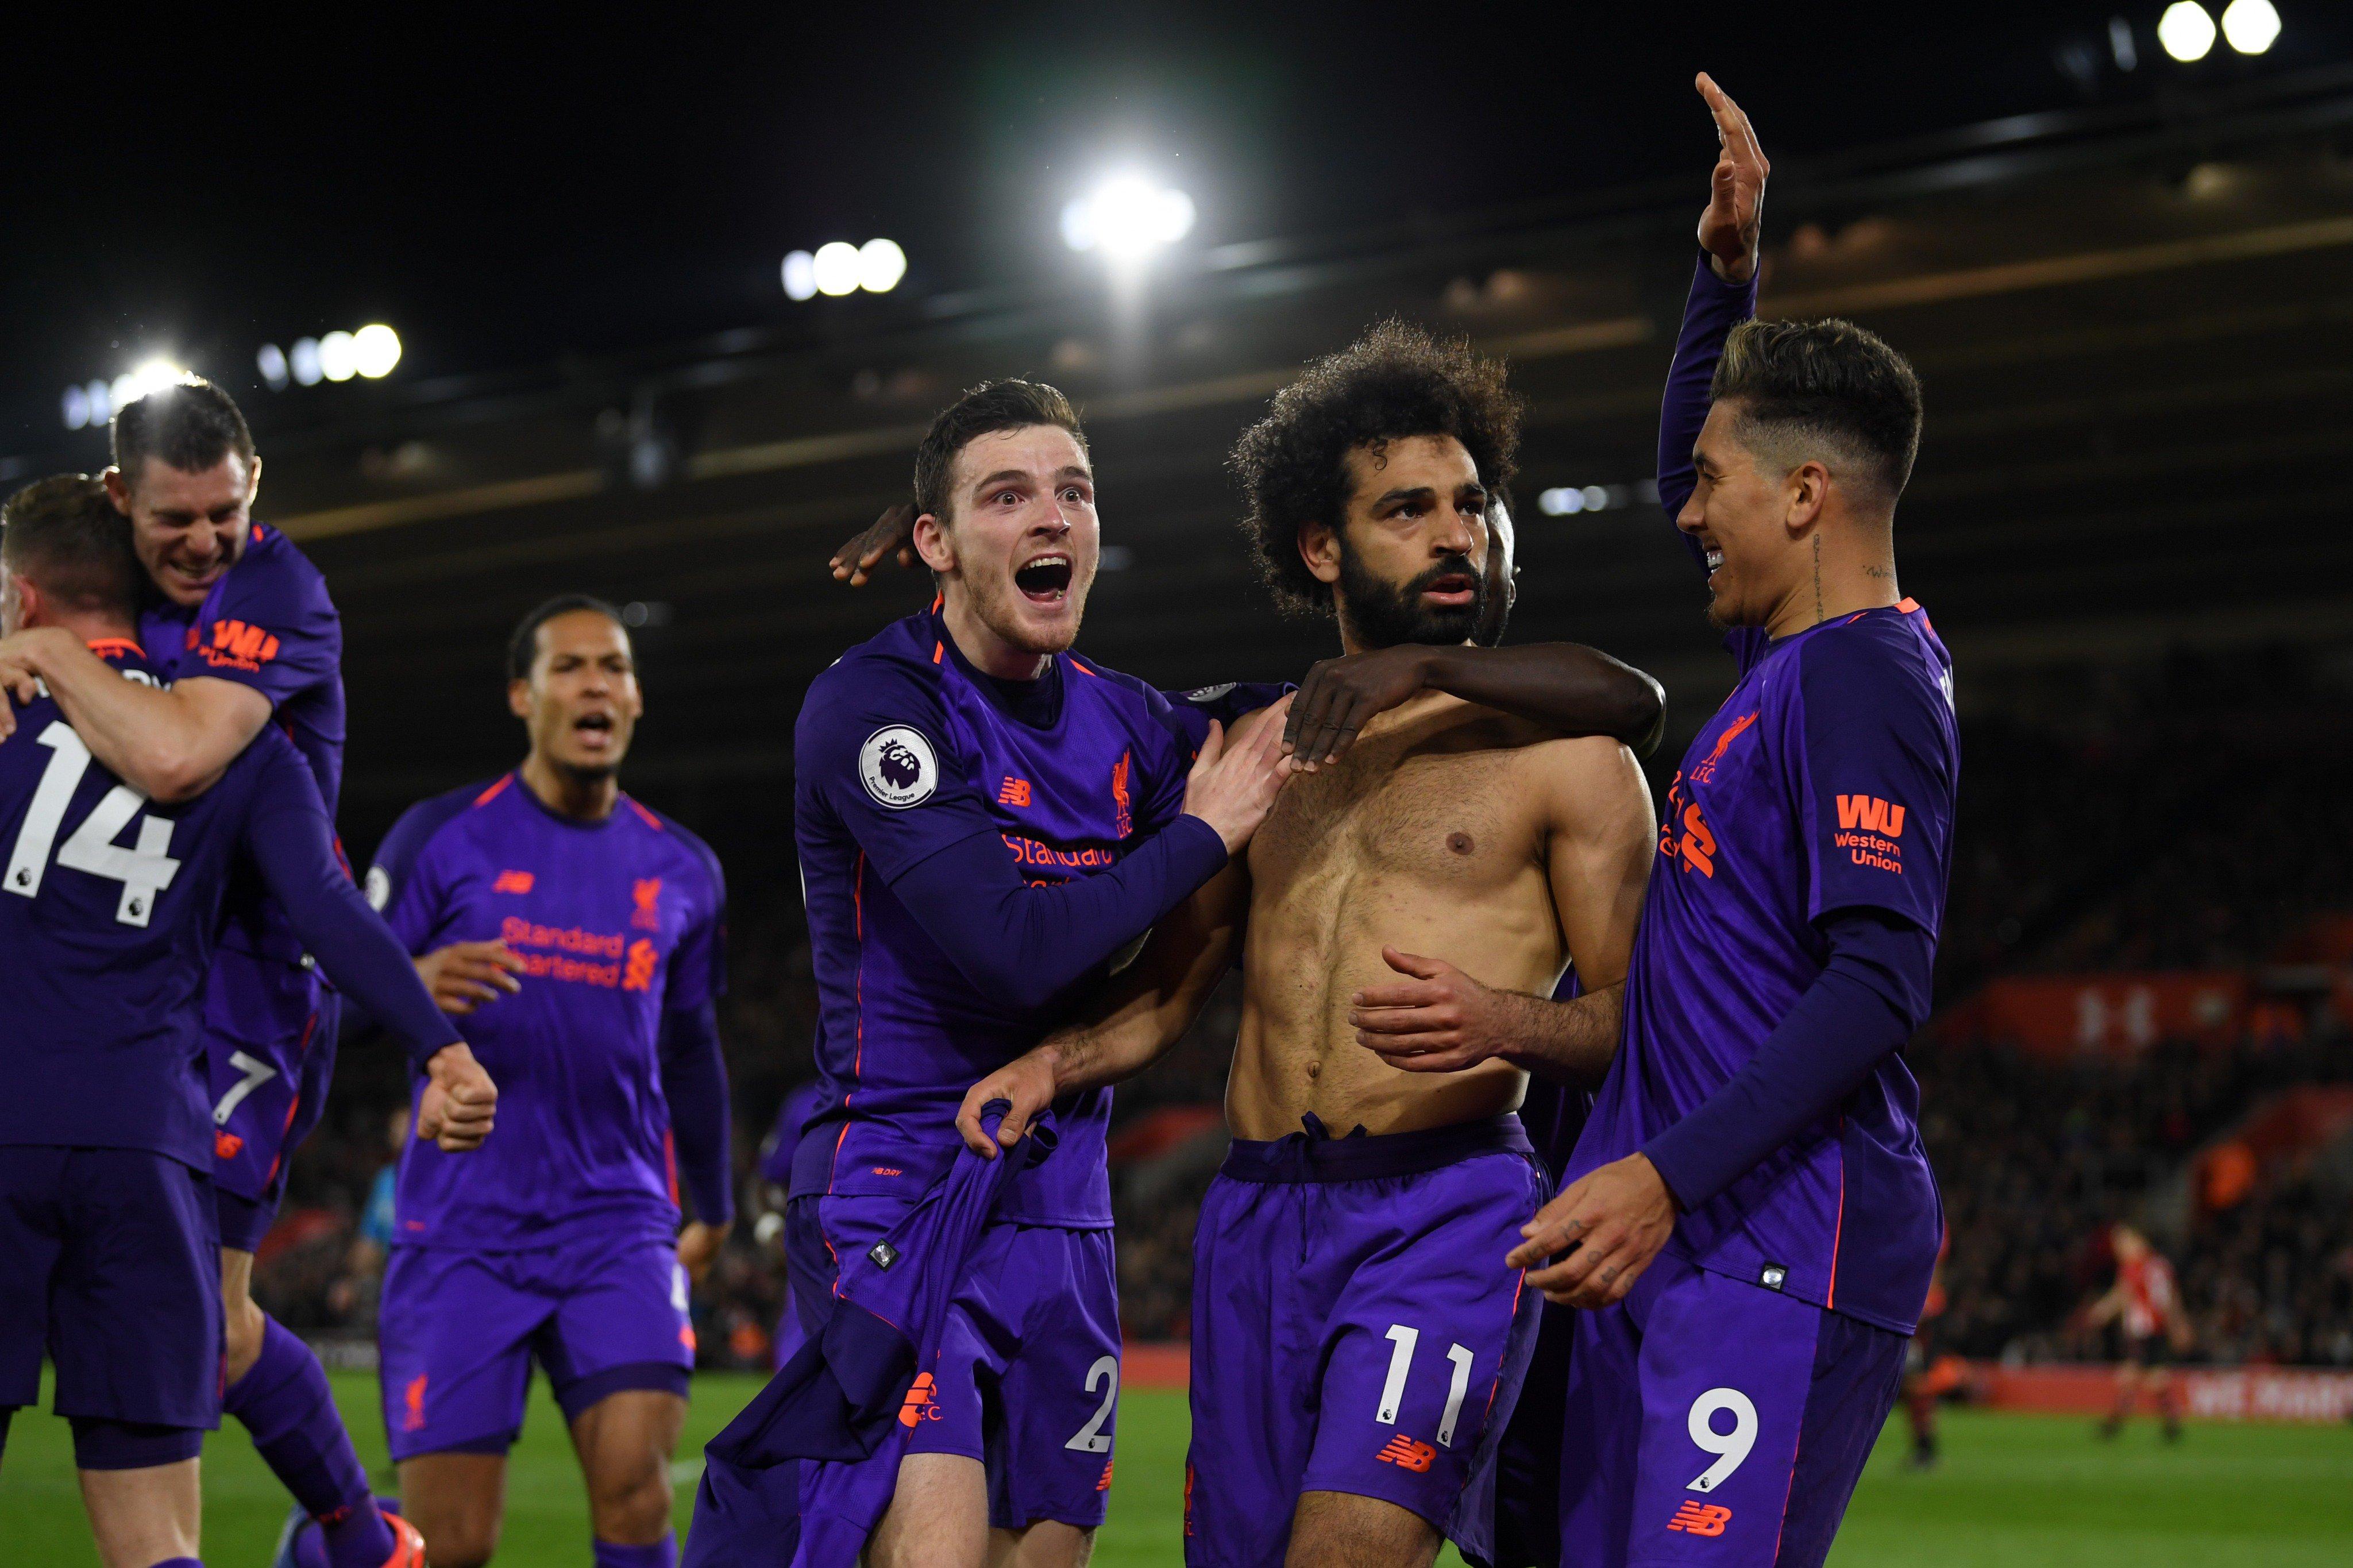 أهداف فوز ليفربول على ساوثامبتون 3-1